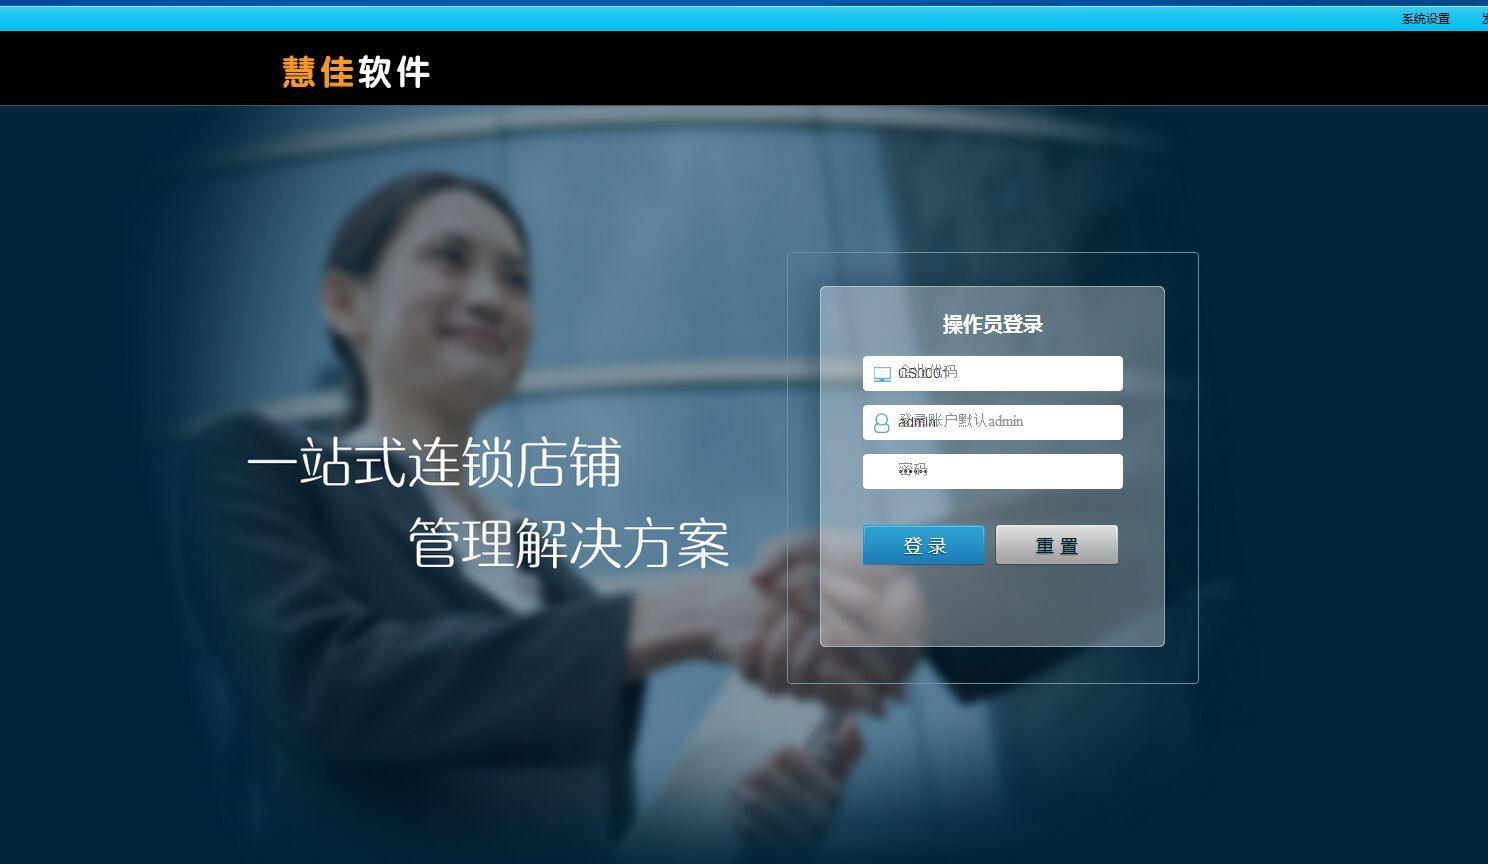 微信电子会员卡系统